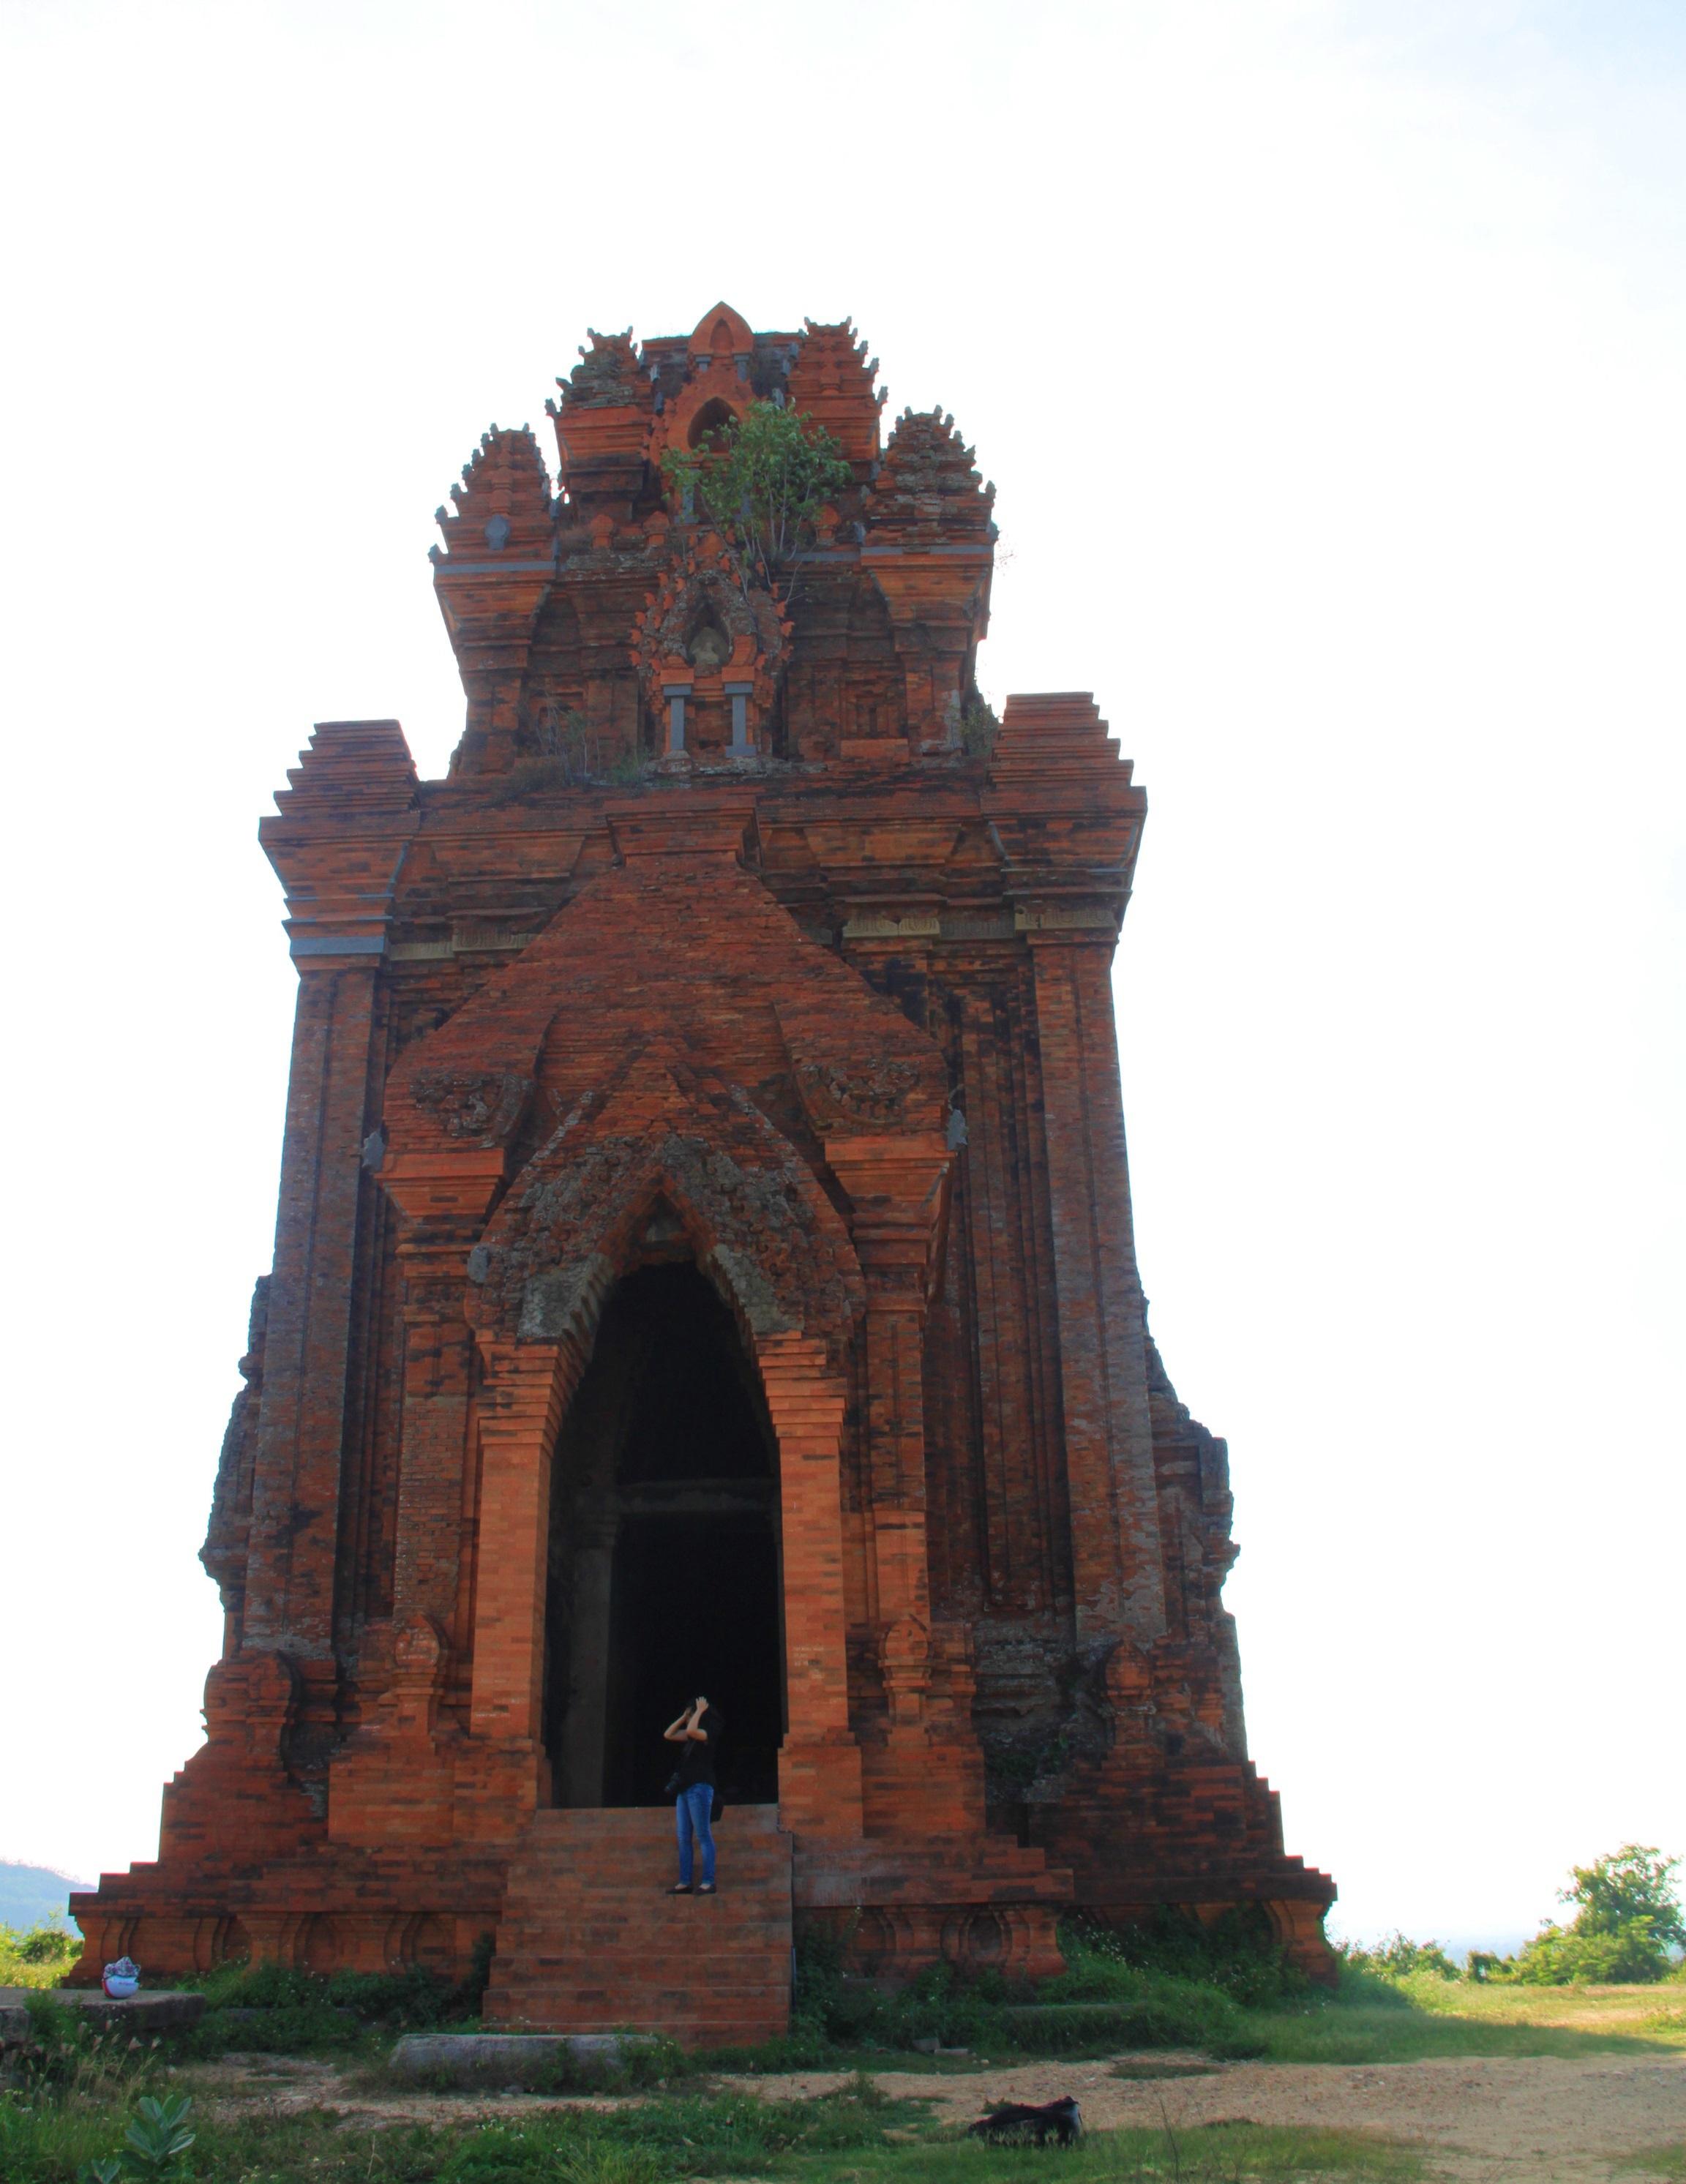 Cụm tháp Chăm ngàn tuổi độc đáo ở Bình Định hút khách check-in - Ảnh 4.